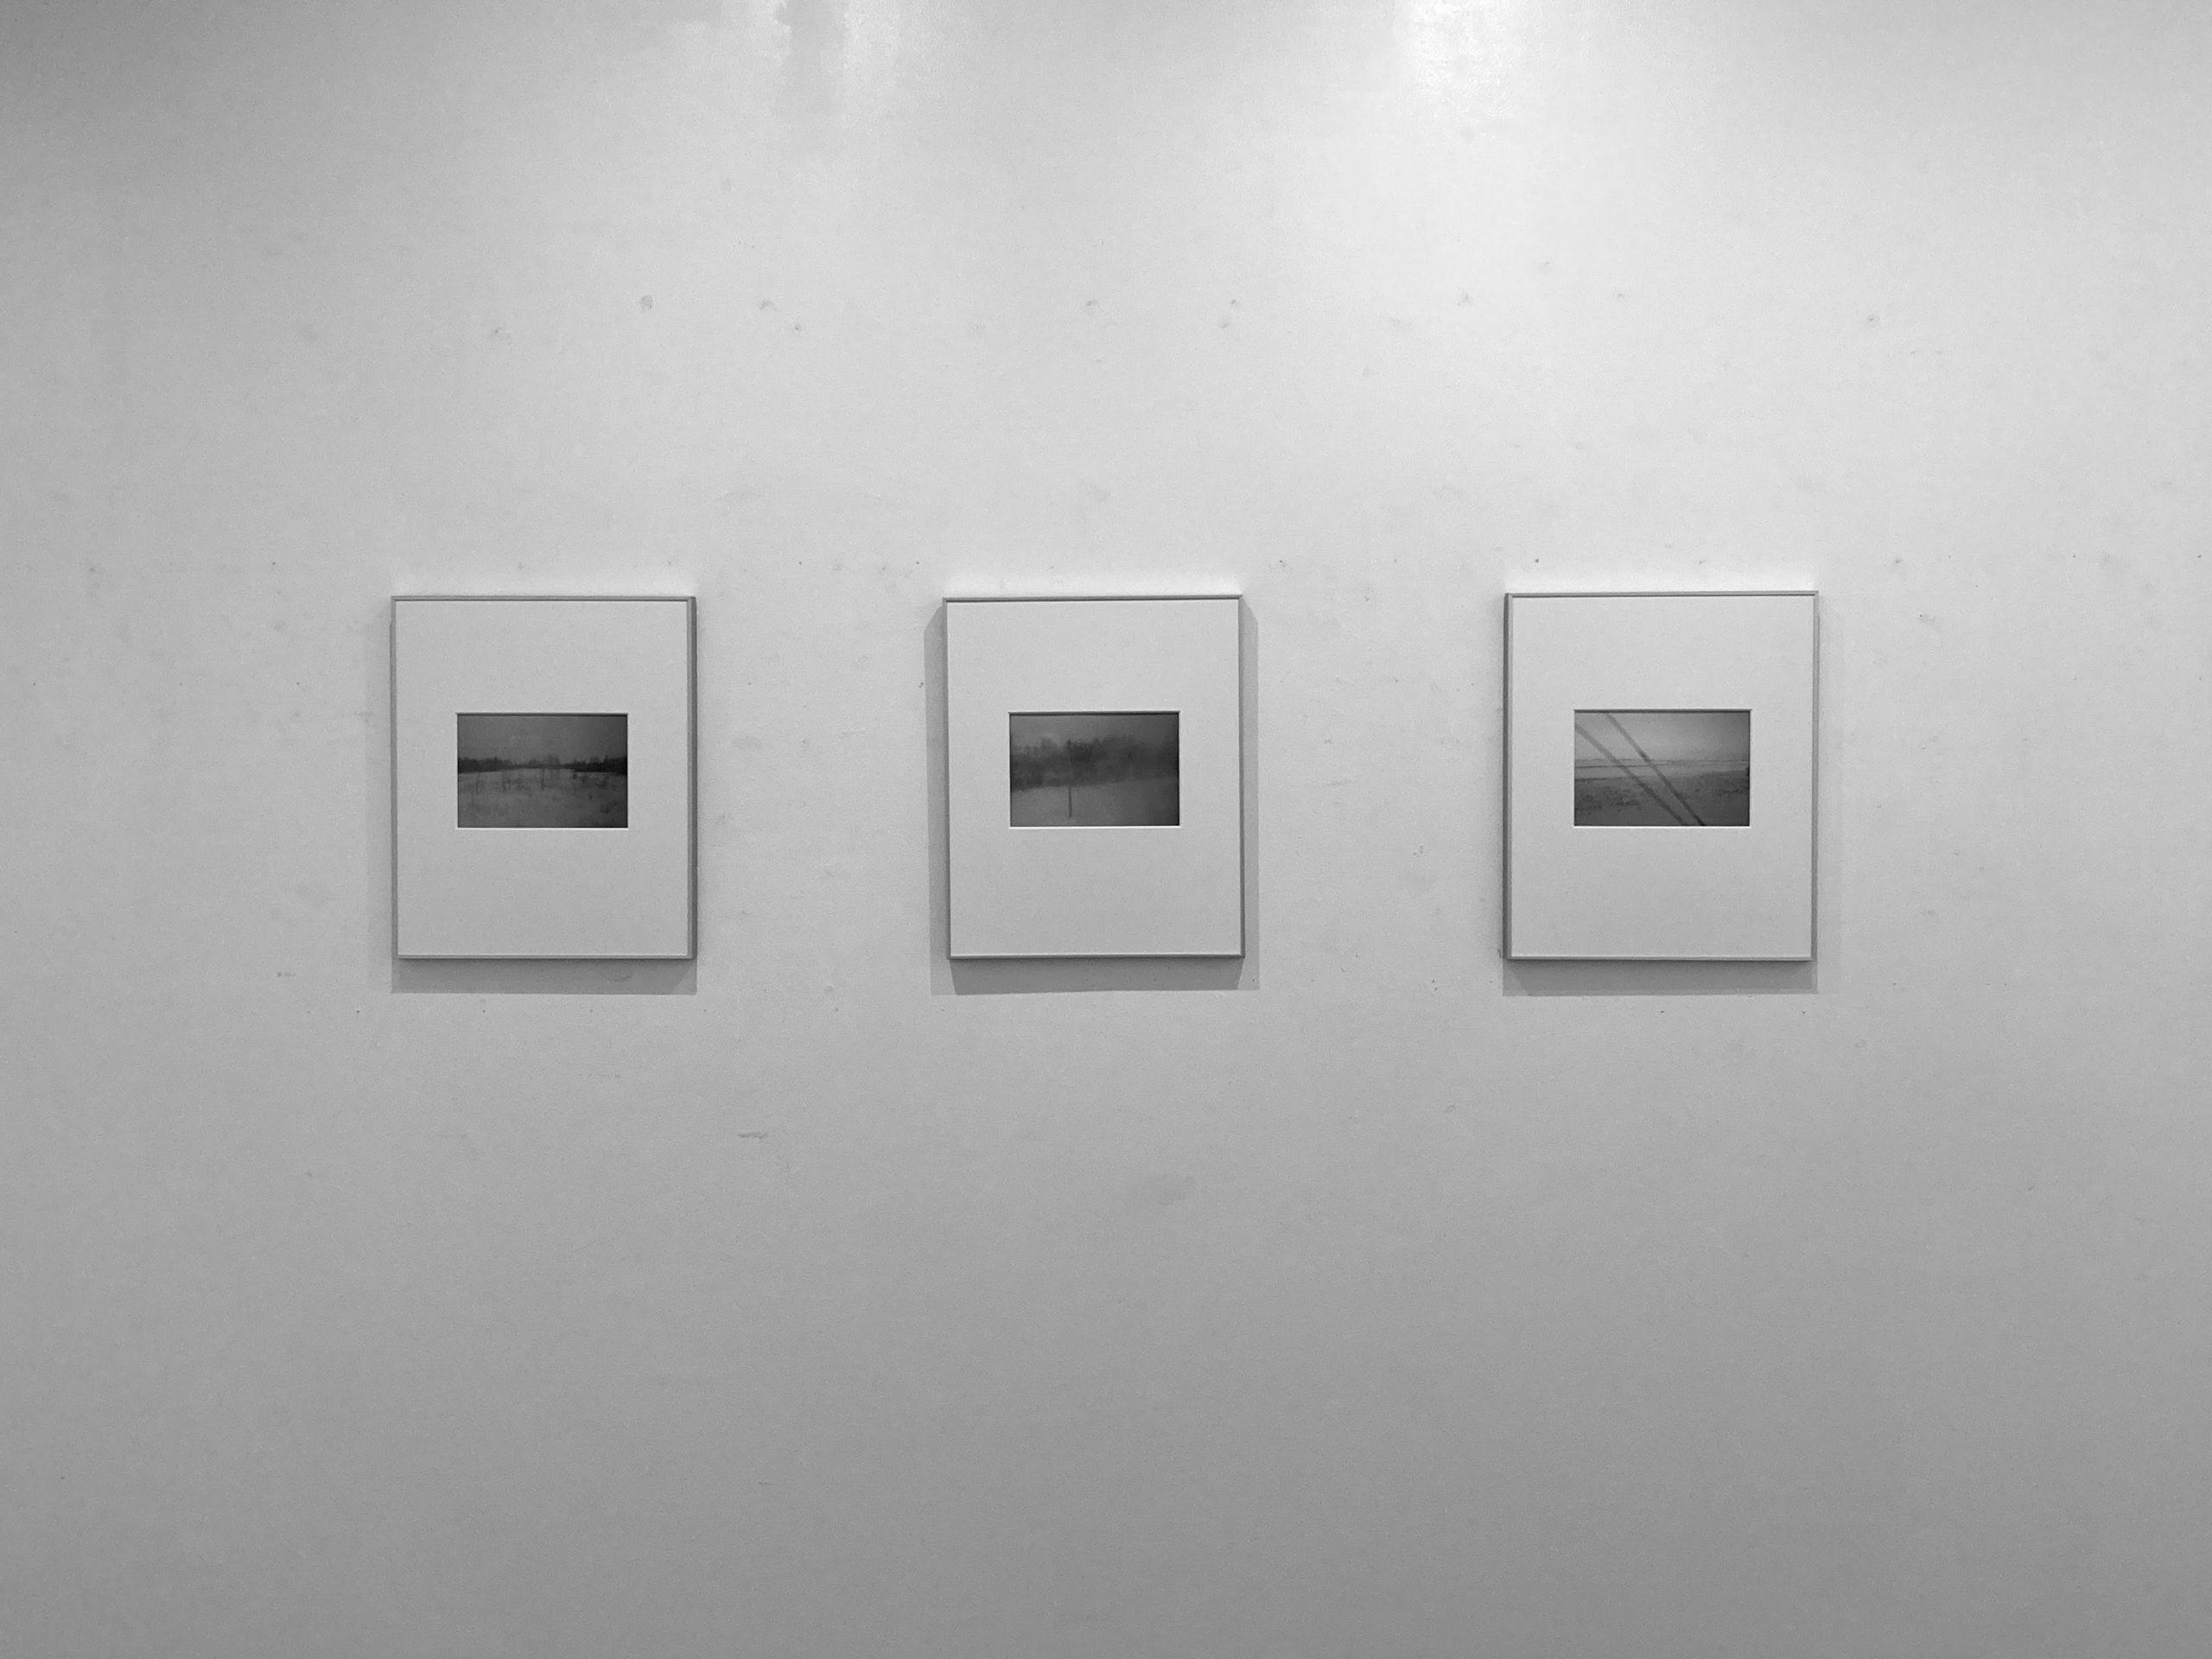 2021年2月 写真展「白冬」gallery176会場写真